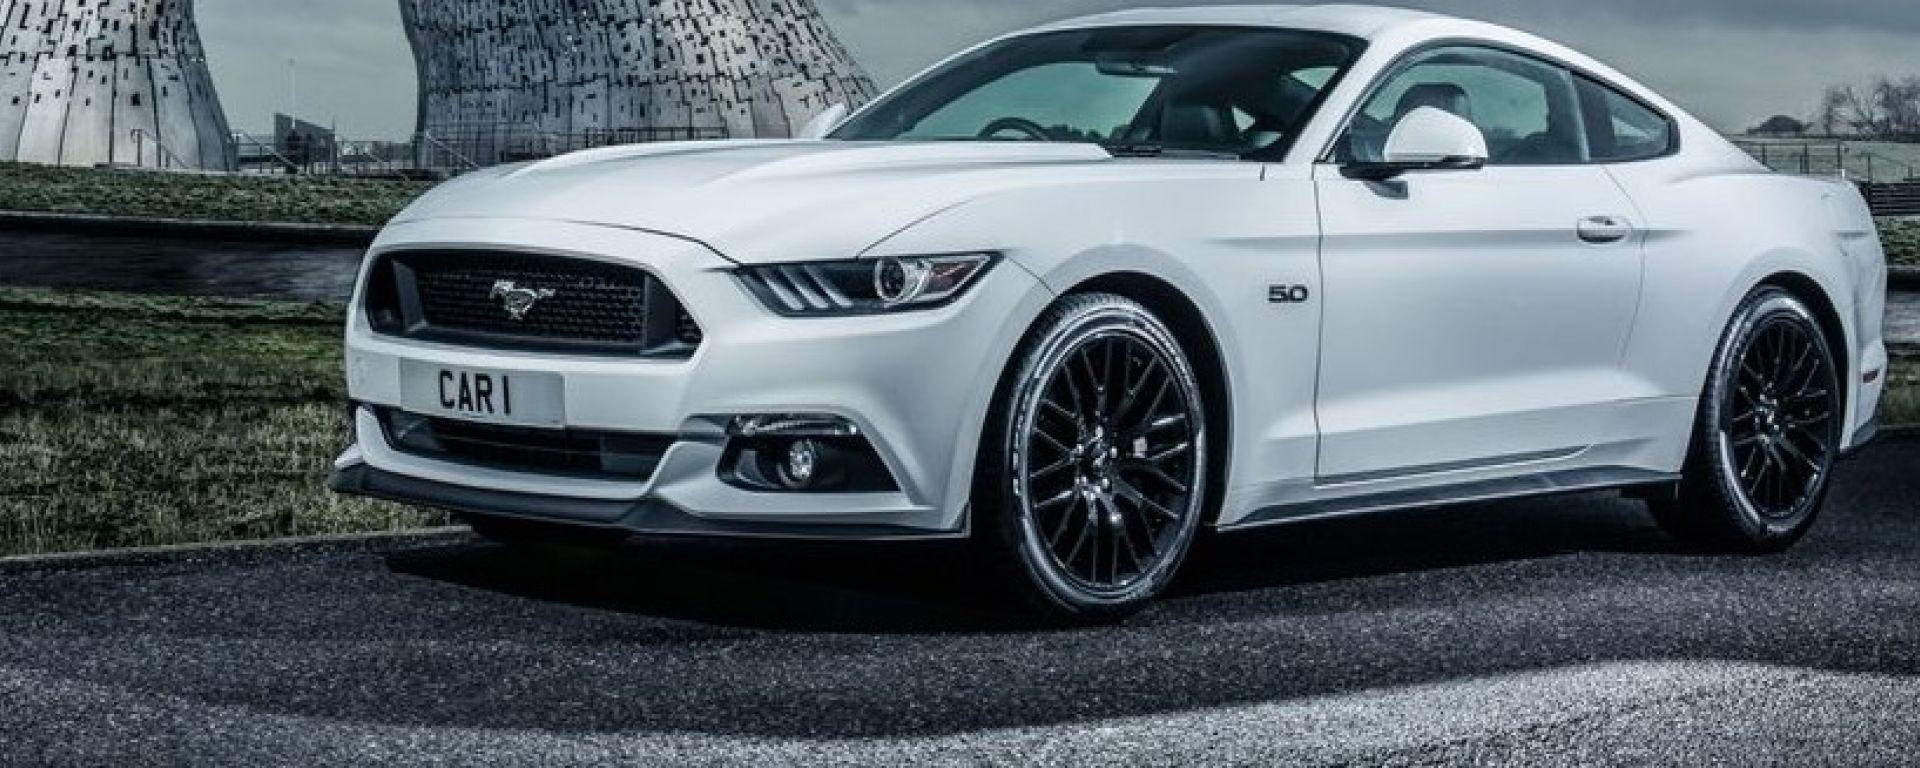 Ford Mustang è presente in 140 Paesi e tutti i continenti: qui e ritratta in Scozia